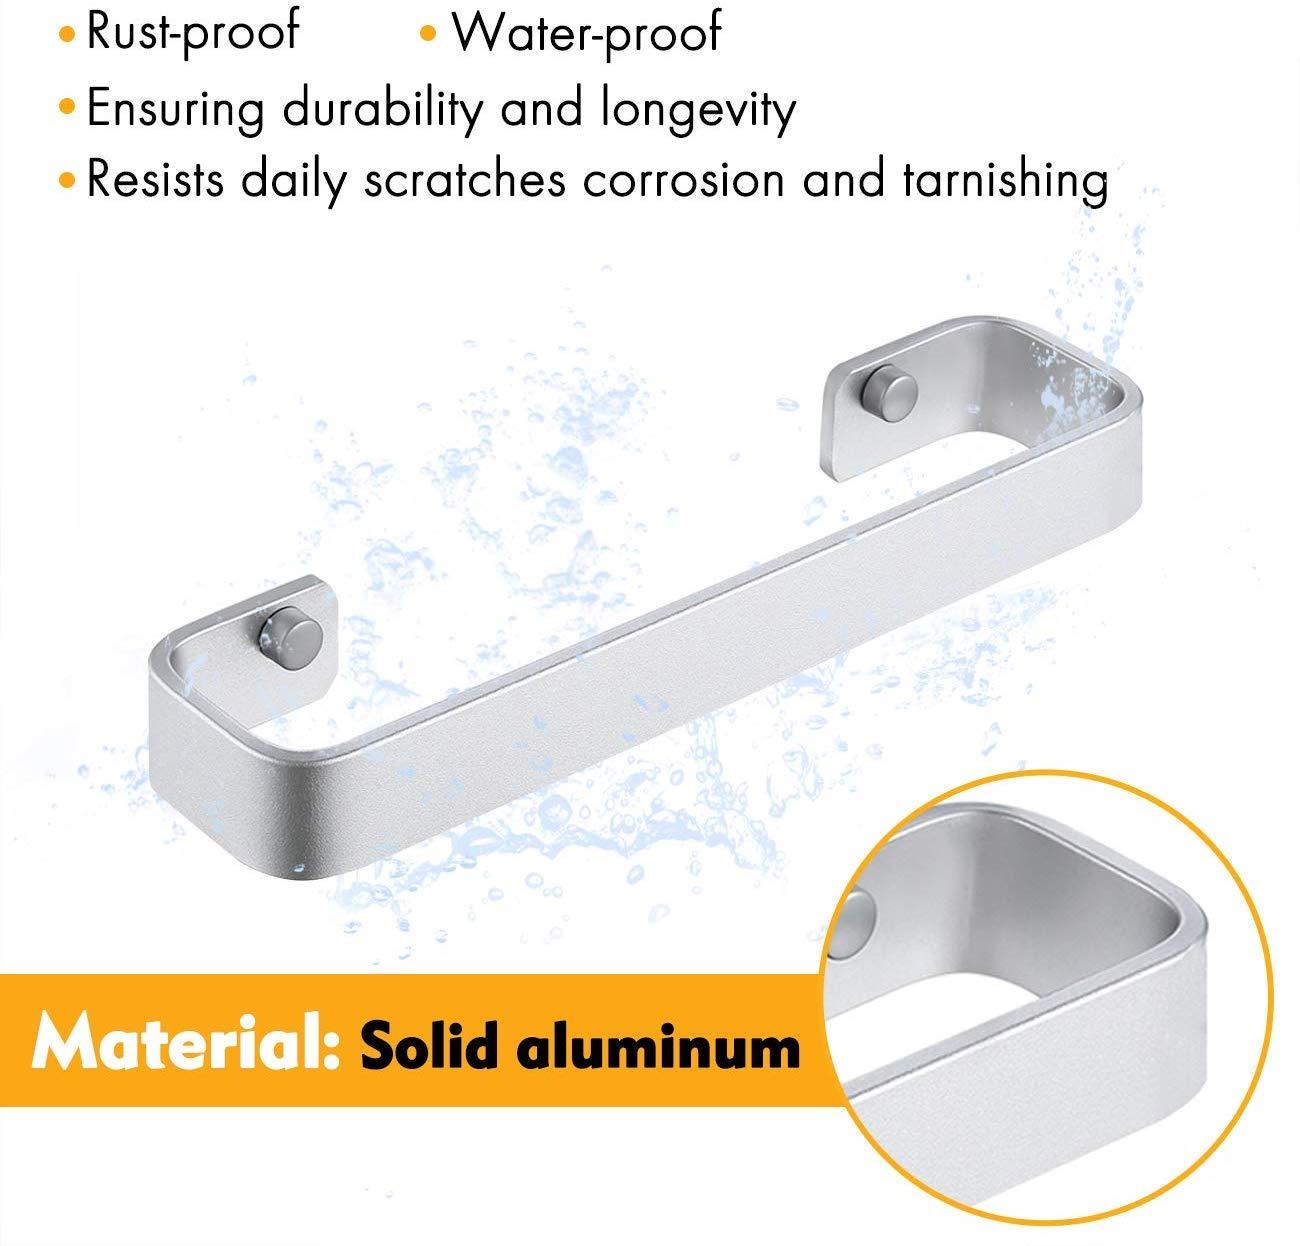 KES A4300-P Organizador de toallas de ba/ño aluminio, sin perforaciones, con pegamento